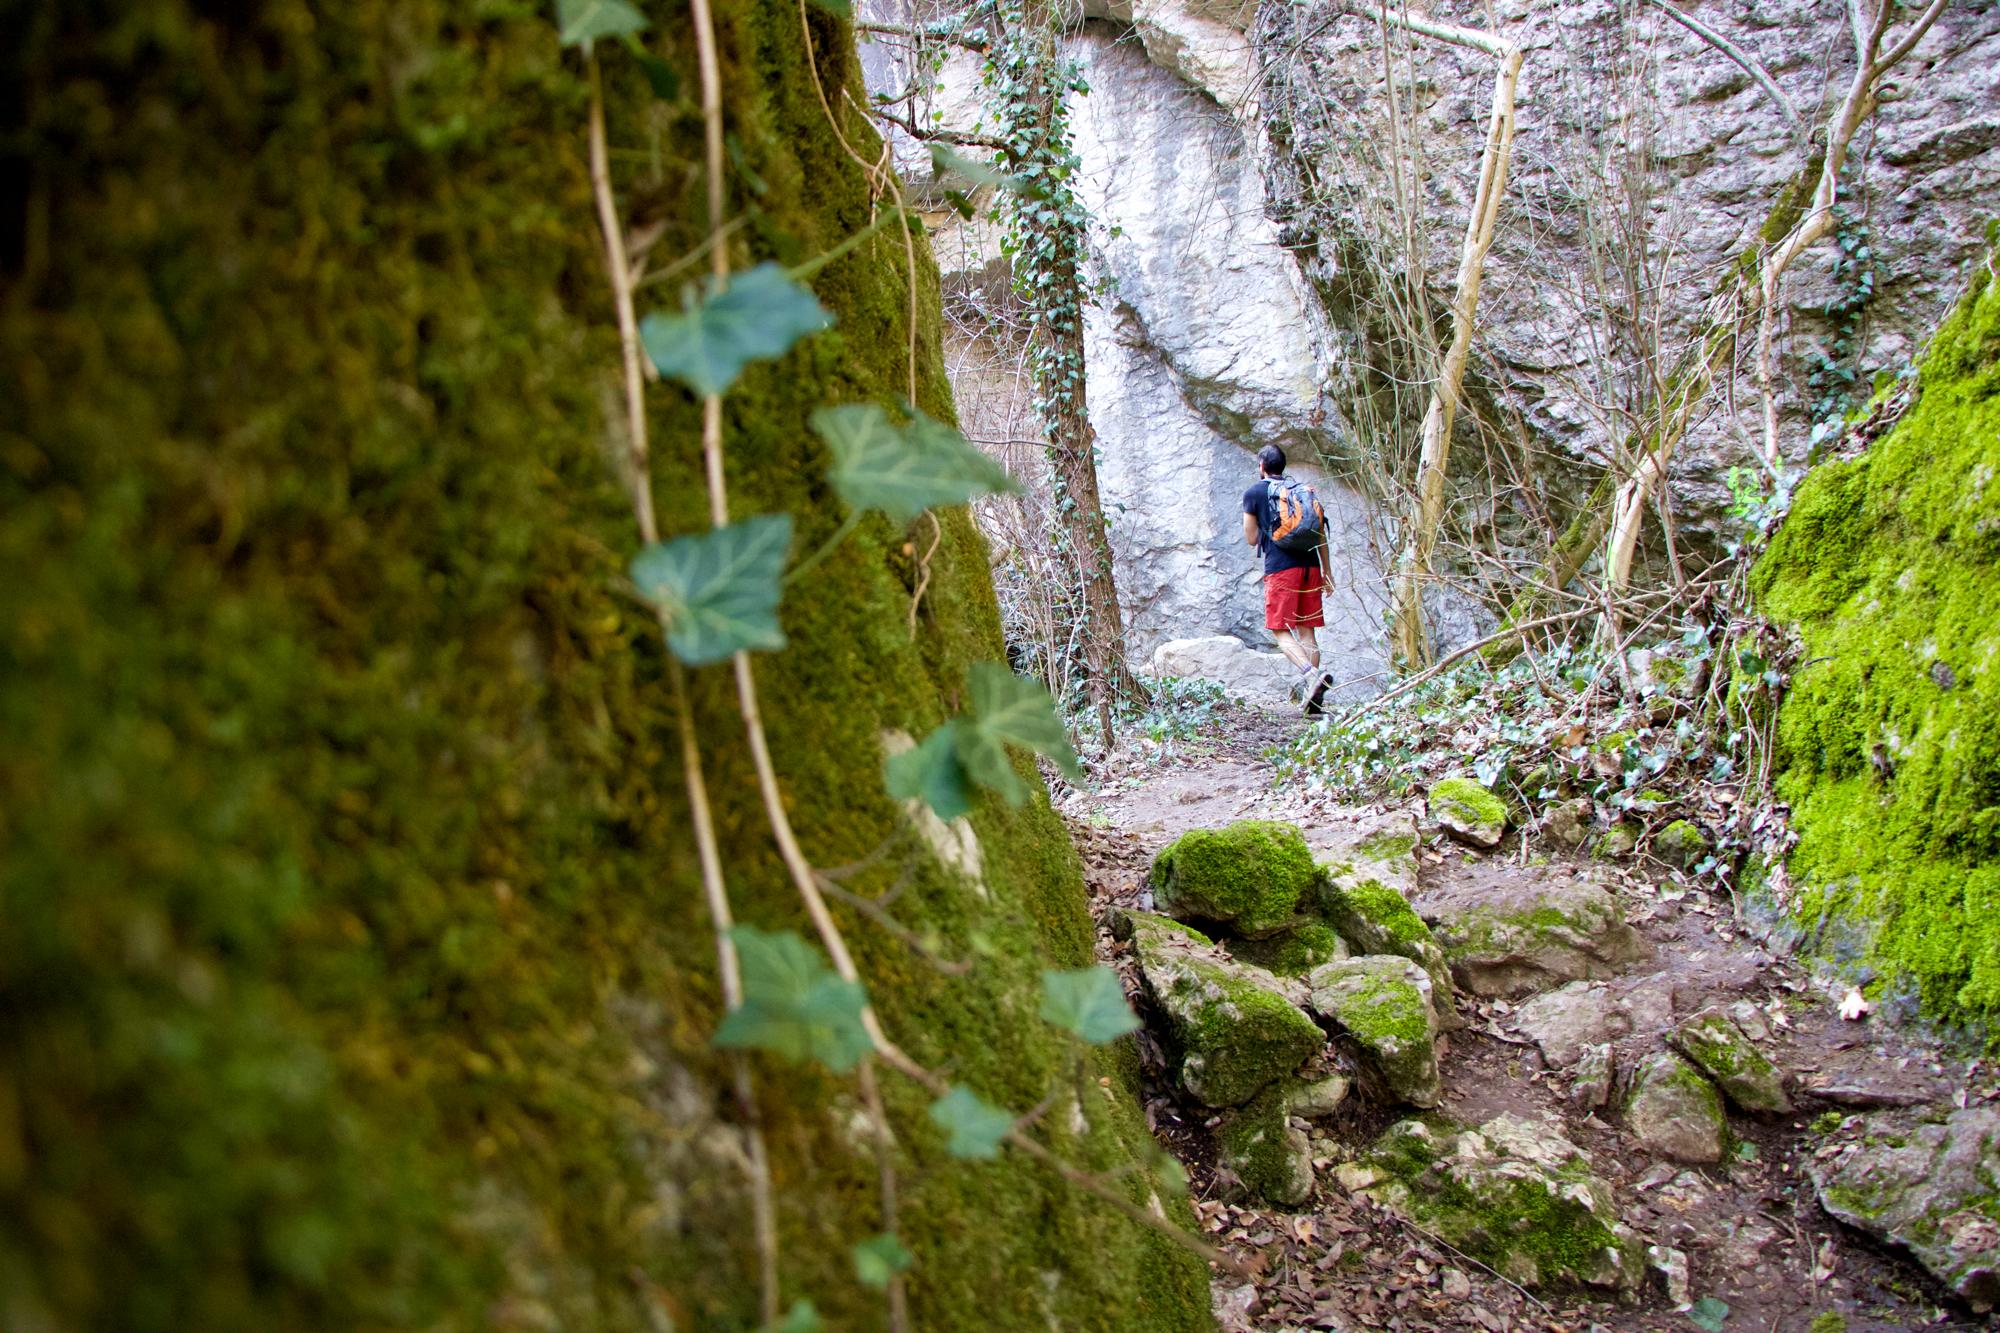 Еменски каньон – пещера, водопад и язовир на едно място. Хотнишки водопад и екопътека с малко адреналин – Мартенско пътуване, 2021г, част 2